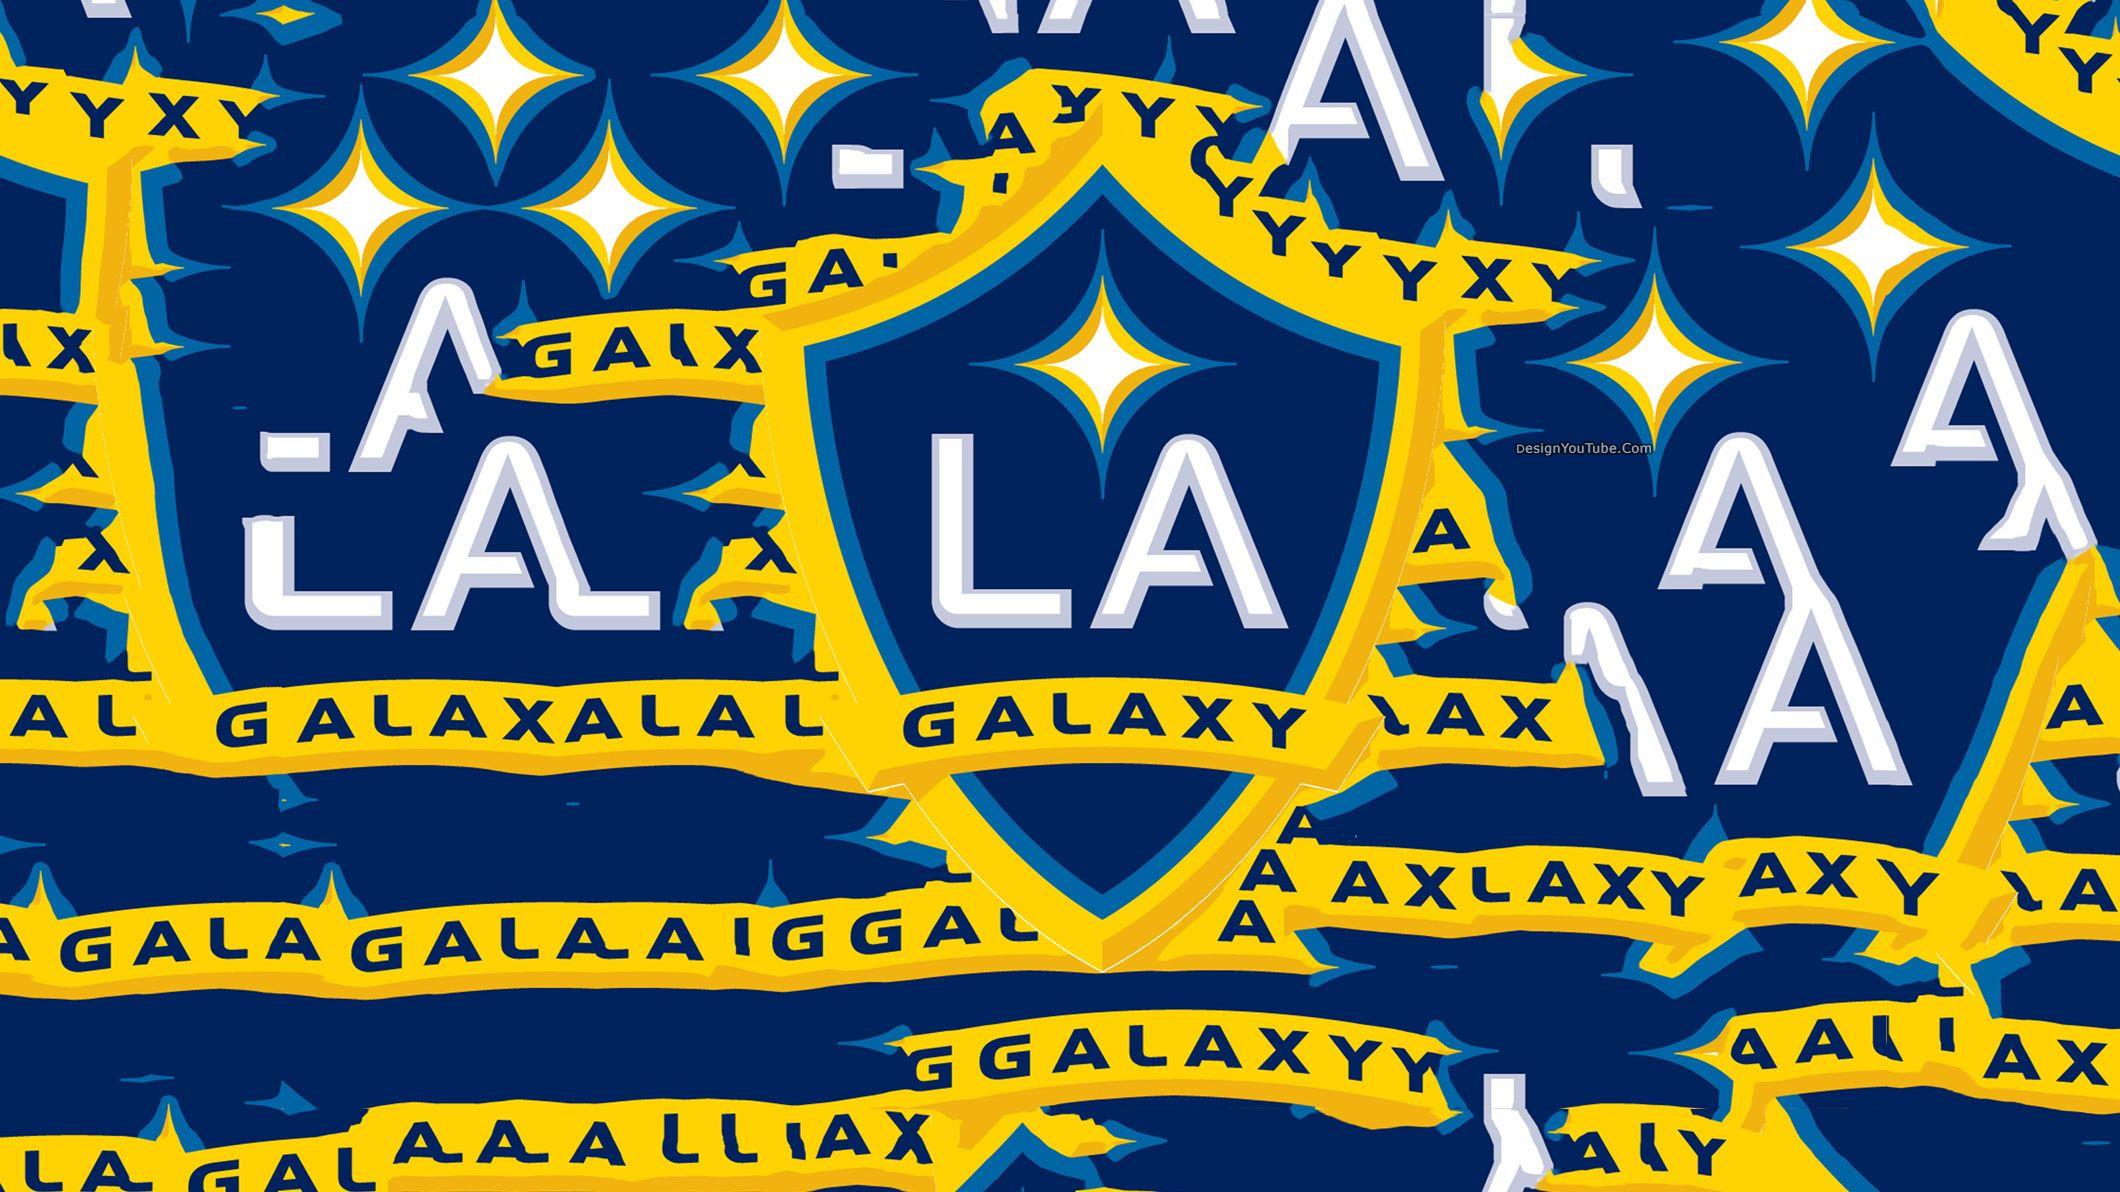 La Galaxy Youtube Channel Art Channel Art Youtube Channel Art La Galaxy